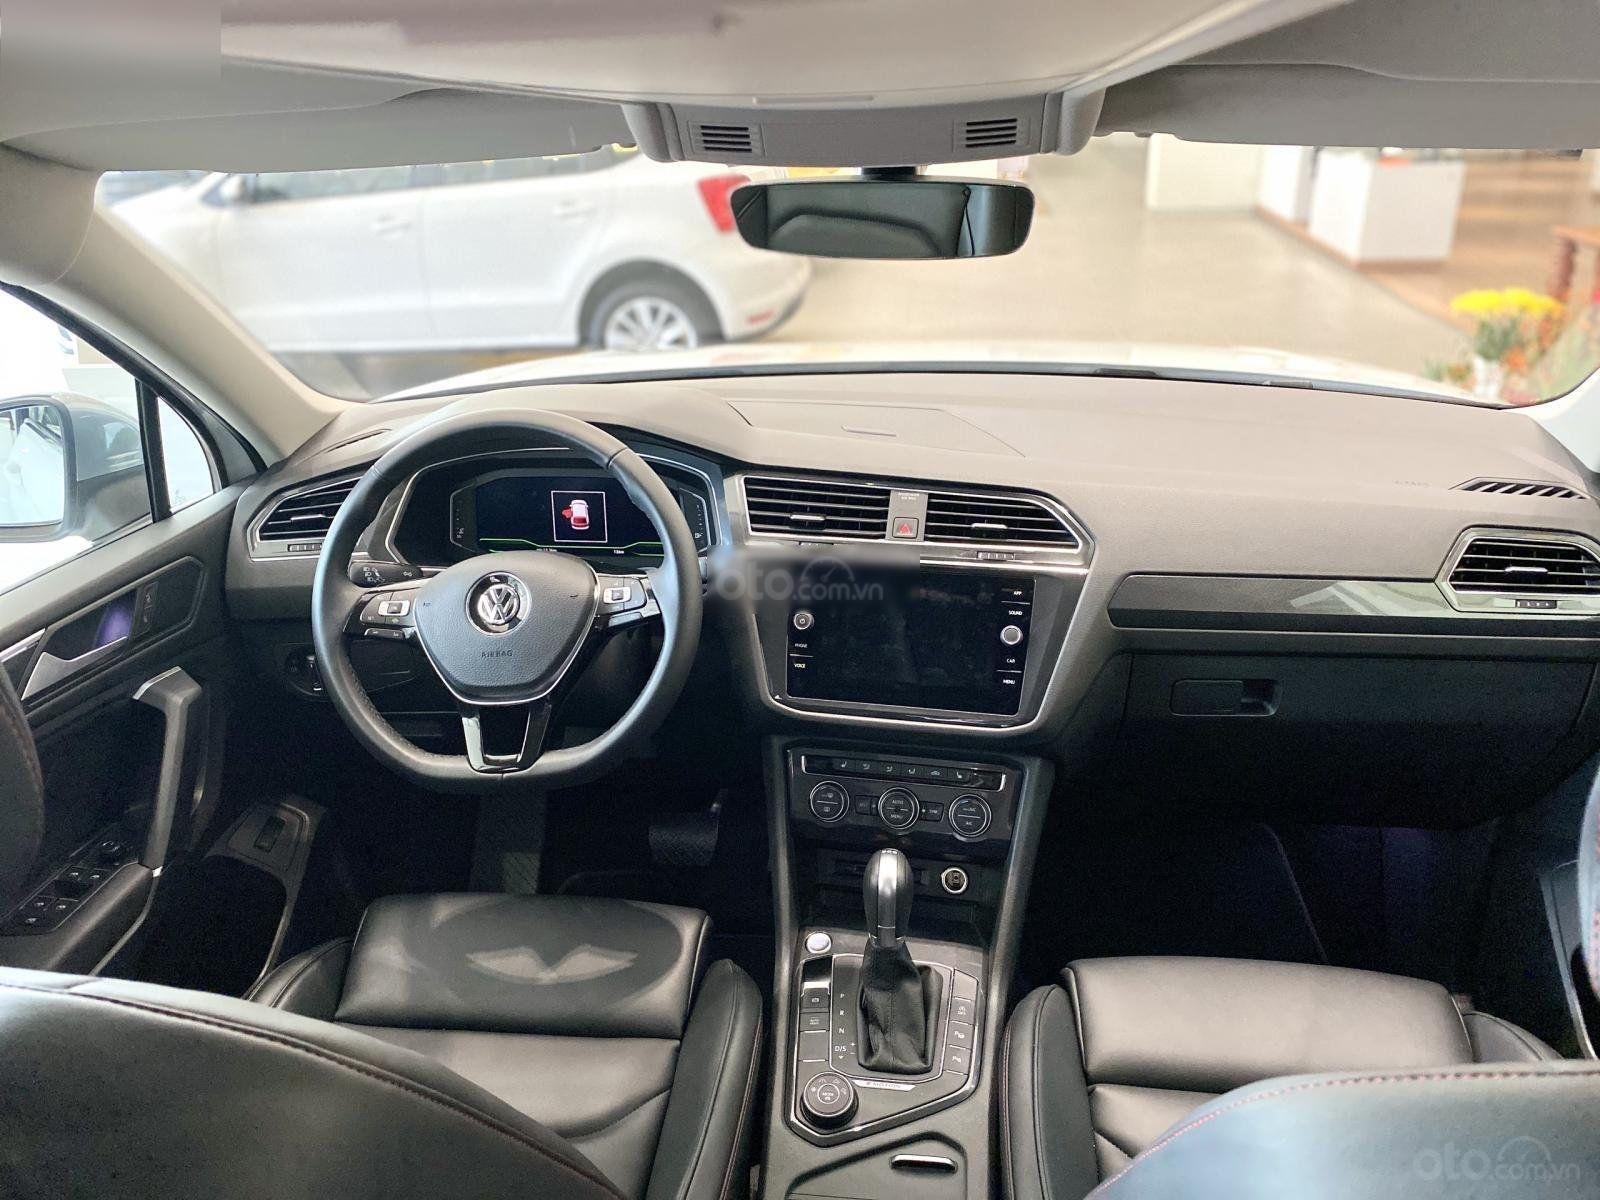 Khuyến mãi 120 triệu cho dòng VW Tiguan Luxury 2020 - Lái thử xe tận nhà - Giá chỉ còn: 1,679 tỷ + phụ kiện (5)